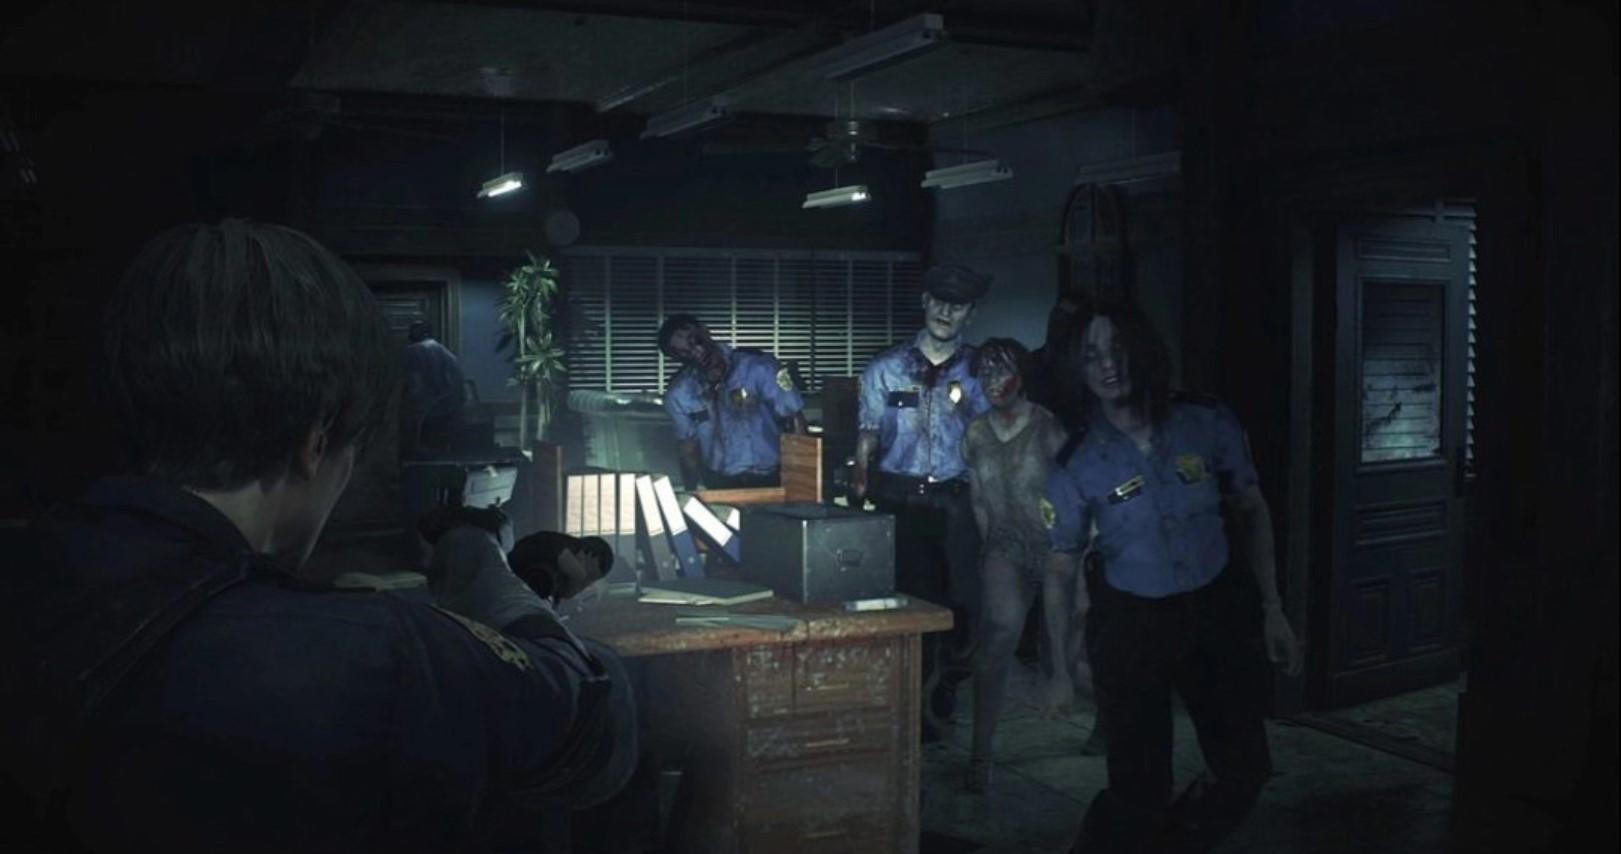 《生化危机2:重制版》将有自动瞄准模式 自动瞄准敌人的弱点